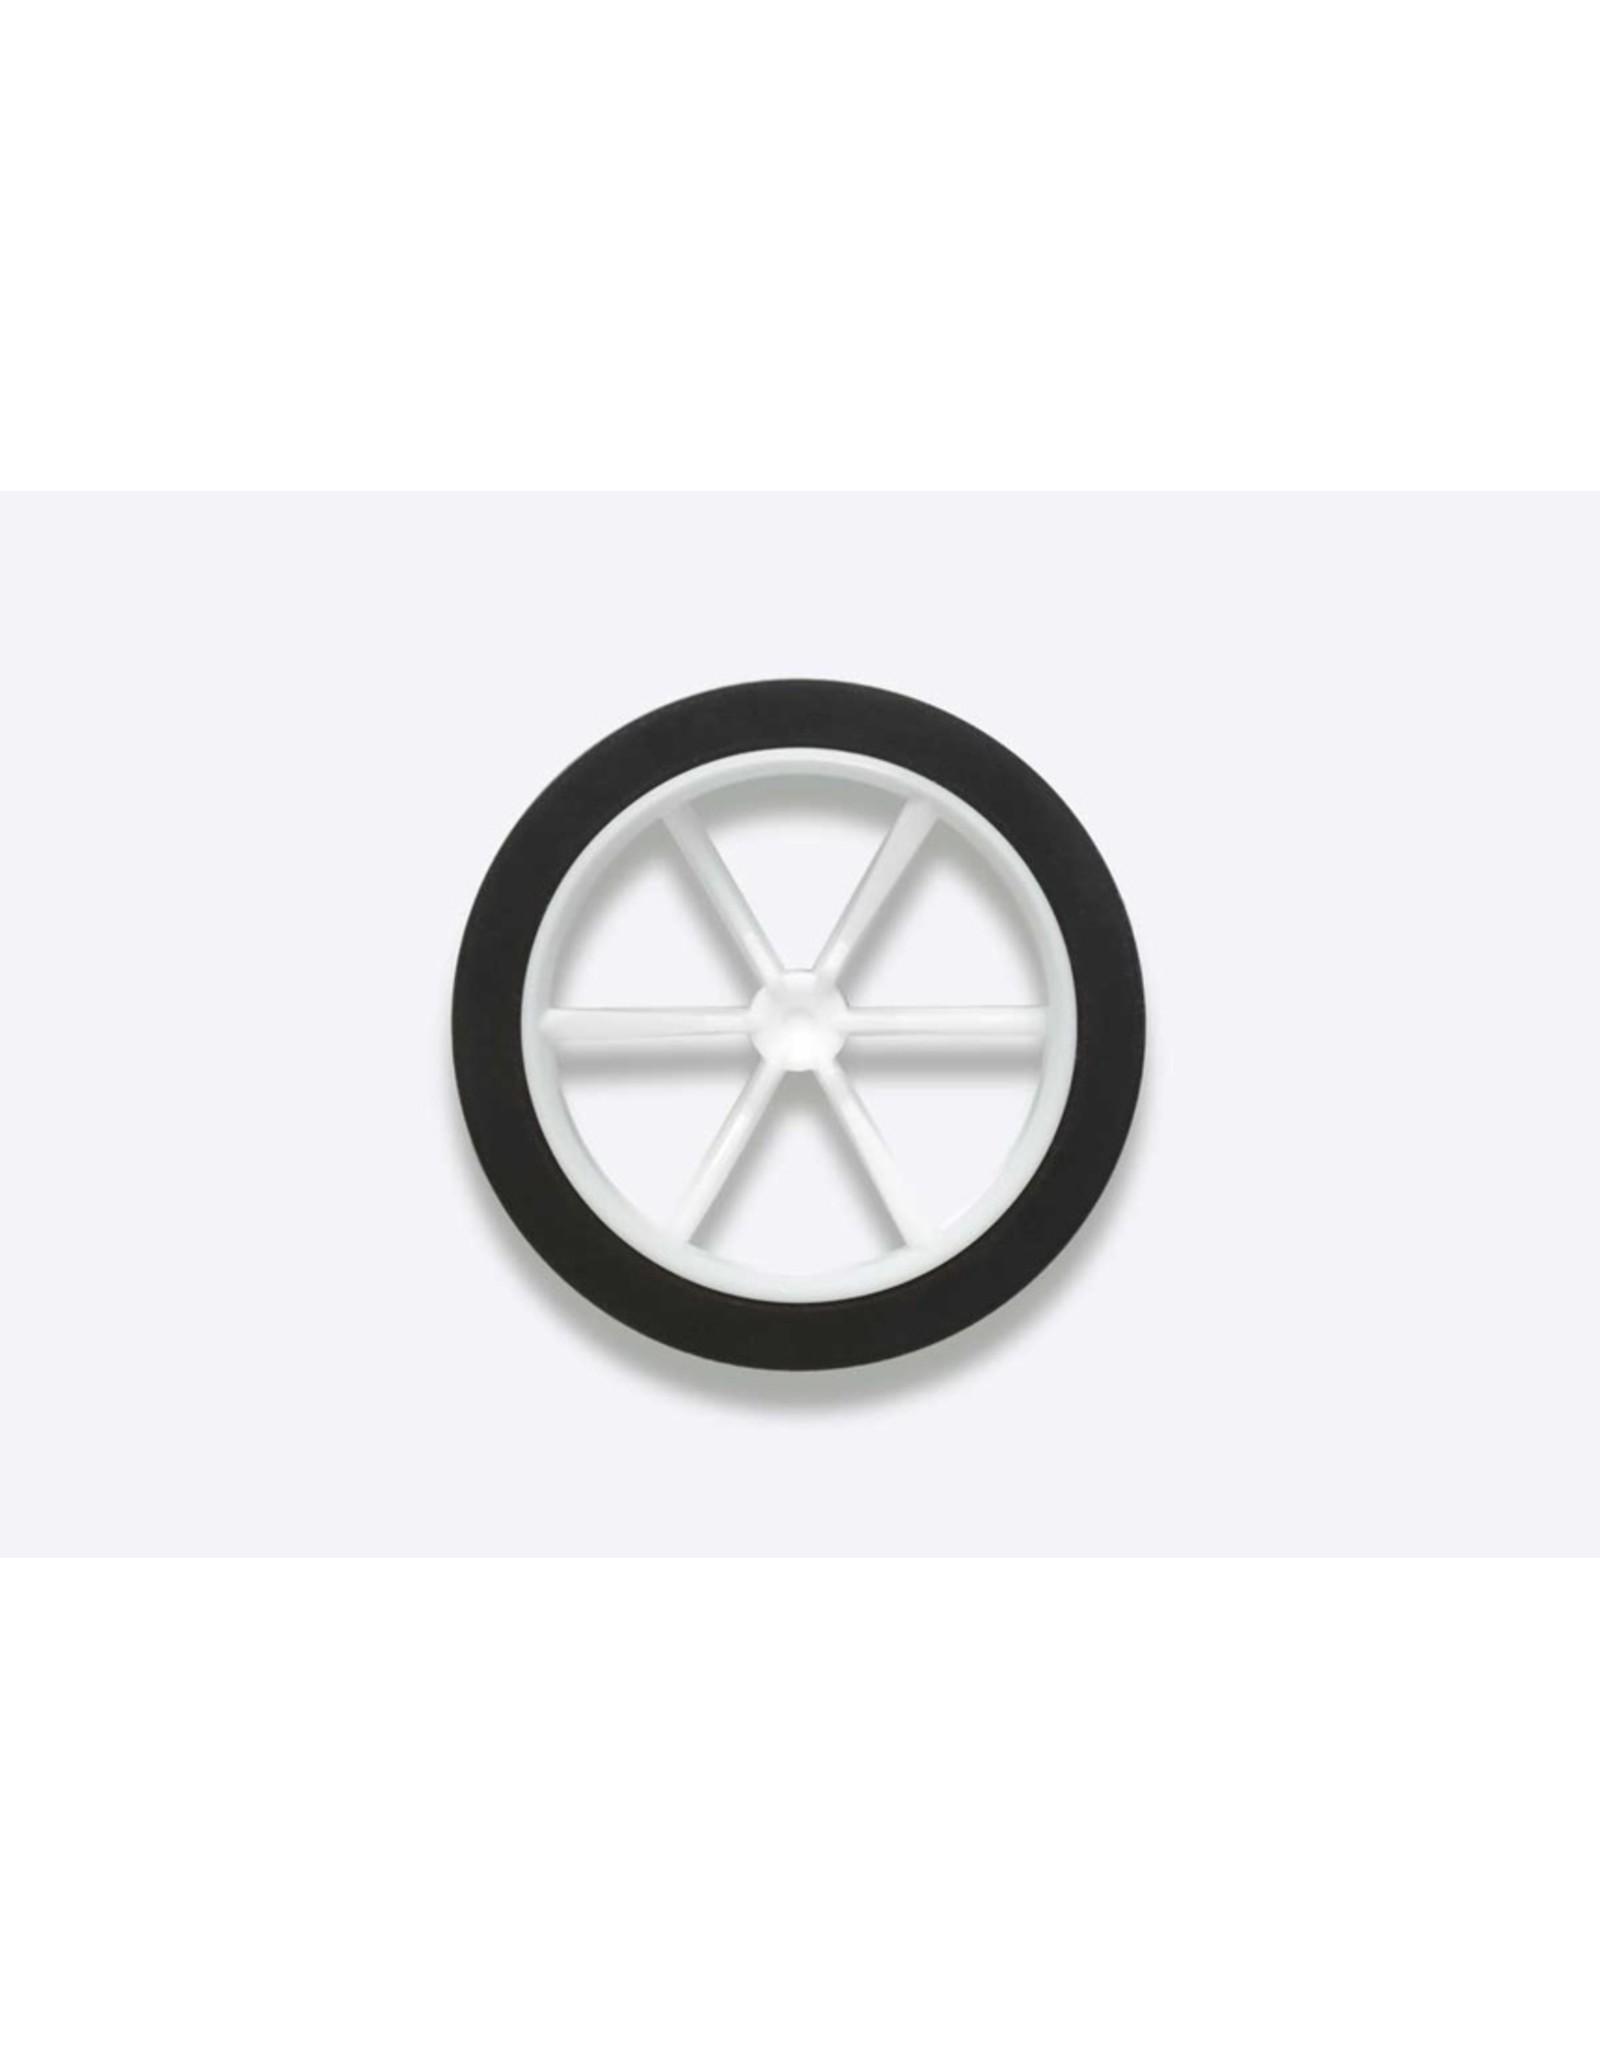 Tamiya Jr Lg Dia Lp Tires/6-Sp Wheels  (TAM15511)